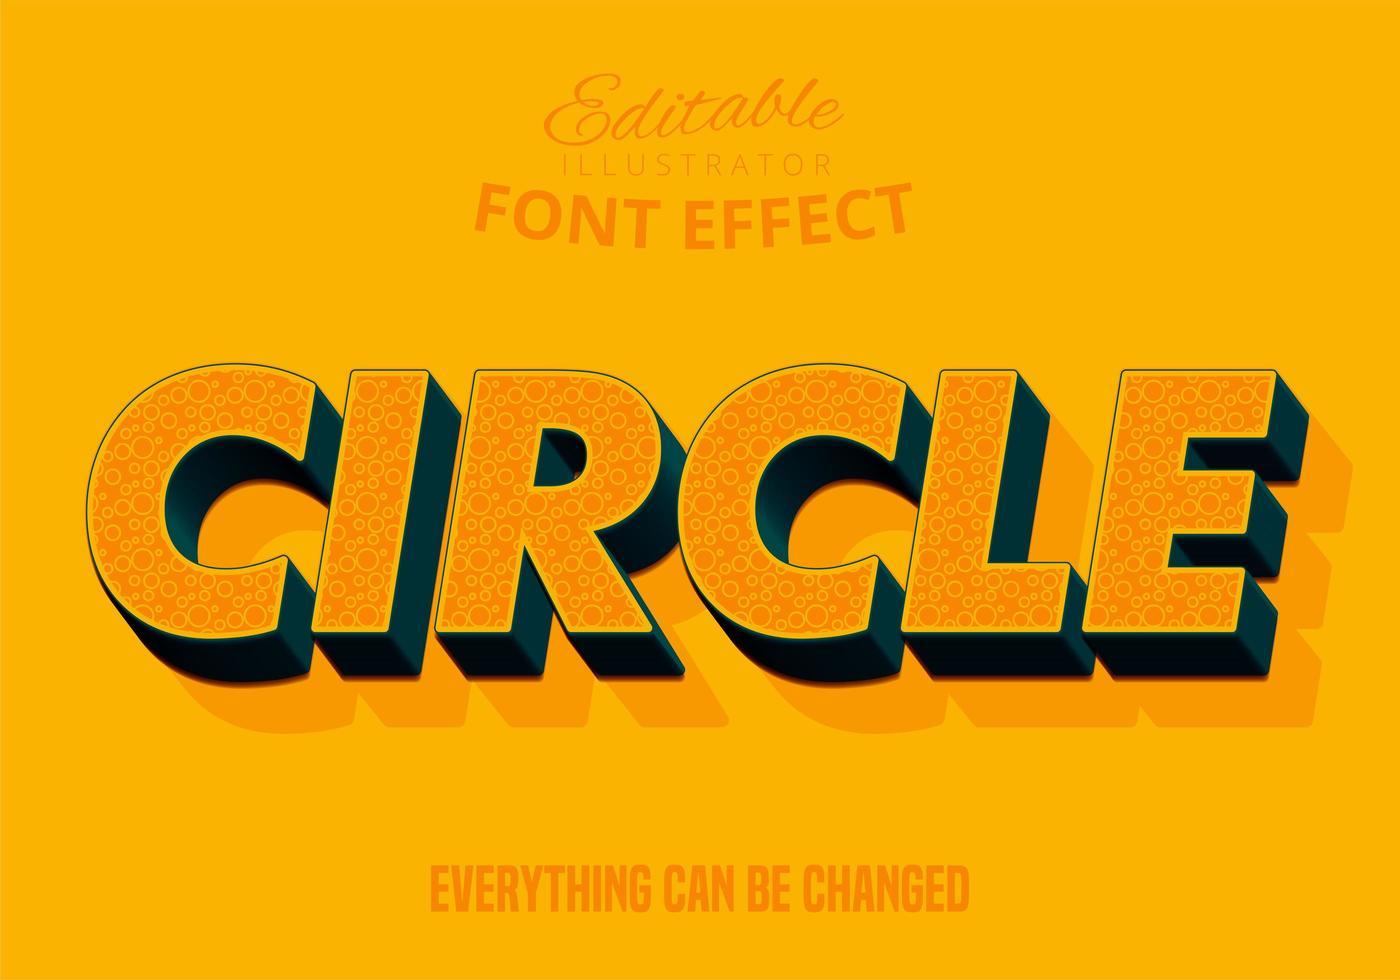 Texto de patrón circular, estilo de texto editable vector